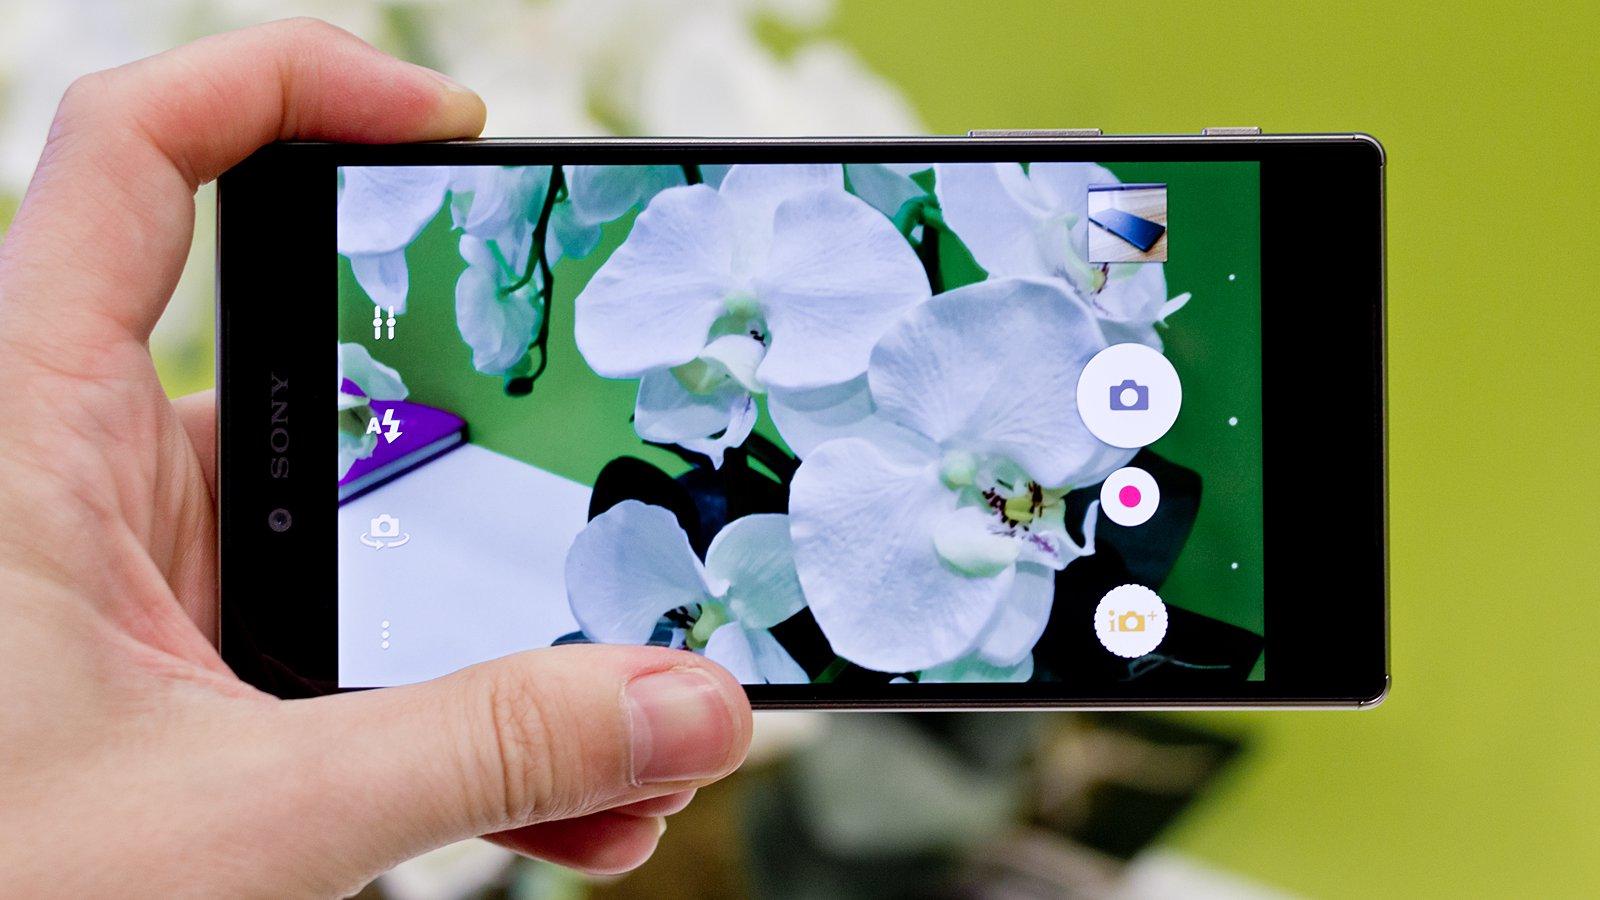 افضل تطبيقات الكاميرا لاجهزة Sony Xperia (اخر تحديث)